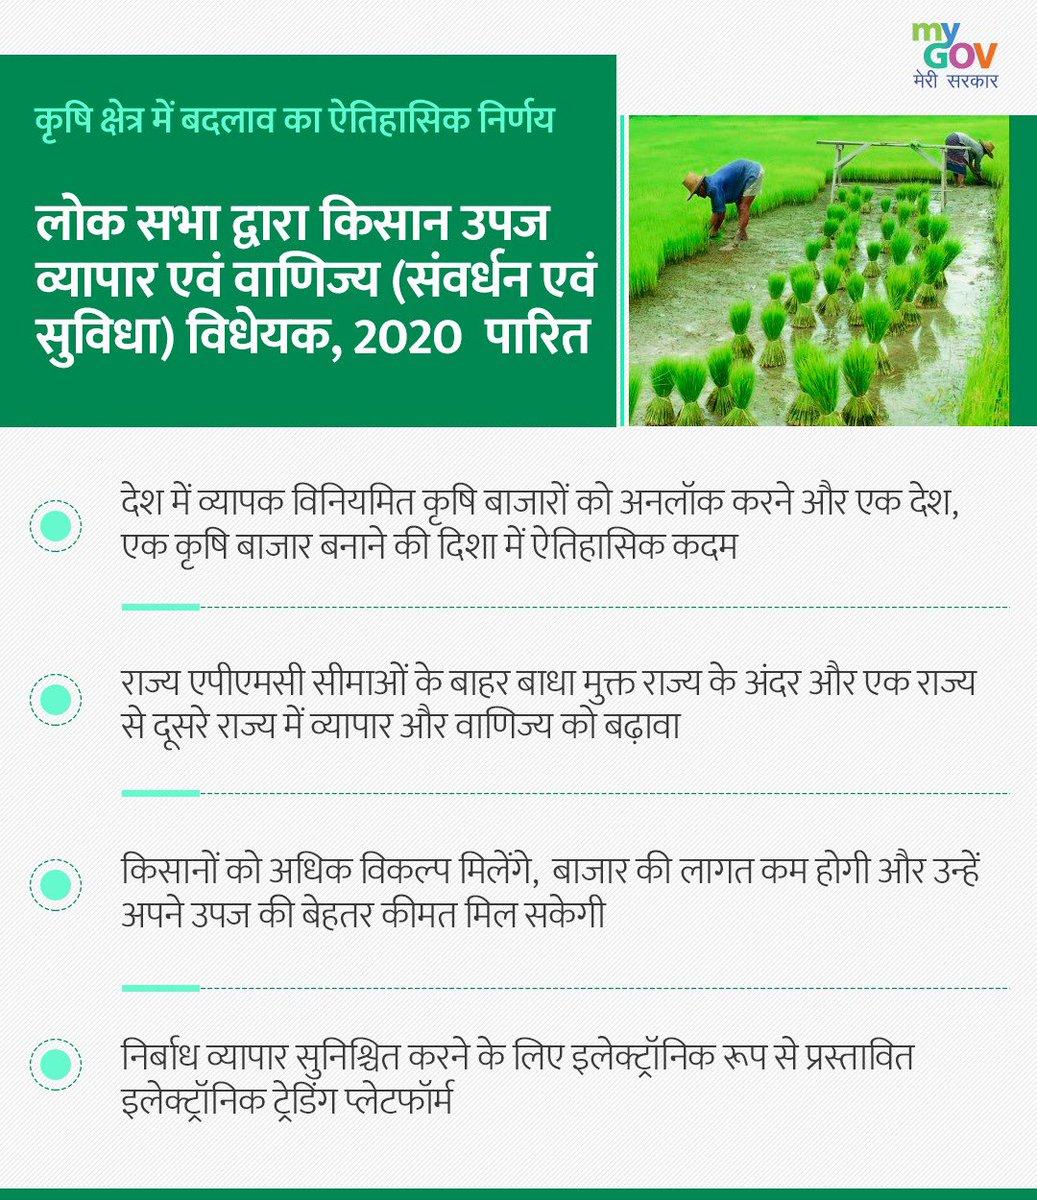 किसानों के हित में महत्वपूर्ण कृषि विधेयकों के लोकसभा में पारित होने पर PM @narendramodi जी, कृषिमंत्री @nstomar जी व किसान भाईयों को बधाई और सभी सांसदों को धन्यवाद। यह किसानों को उपज का उचित मूल्य दिलाने व उनकी आय वृद्धि में अहम भूमिका निभायेगा। #JaiKisan #AatmaNirbharKrishi